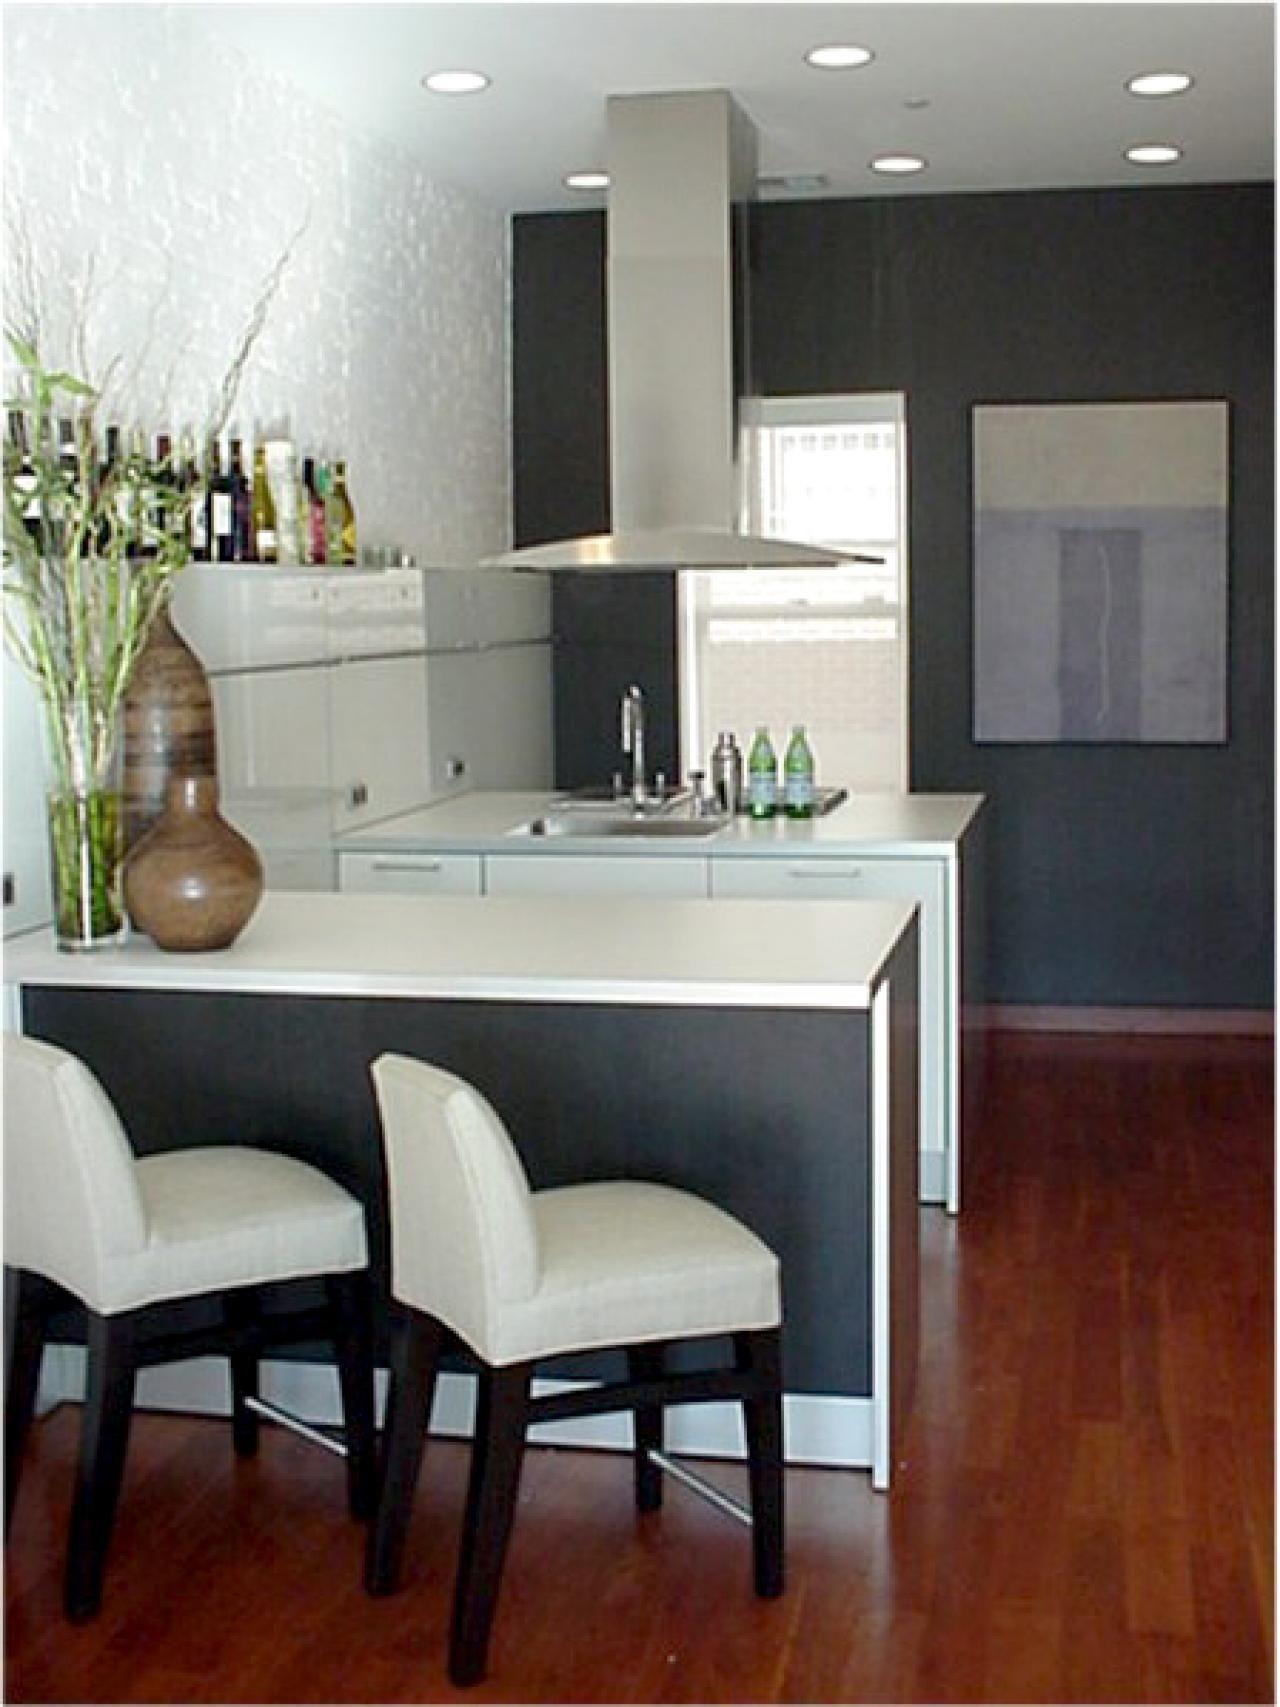 Neueste Küche Design Ideen   Mischen von Metallen ist ein guter ...